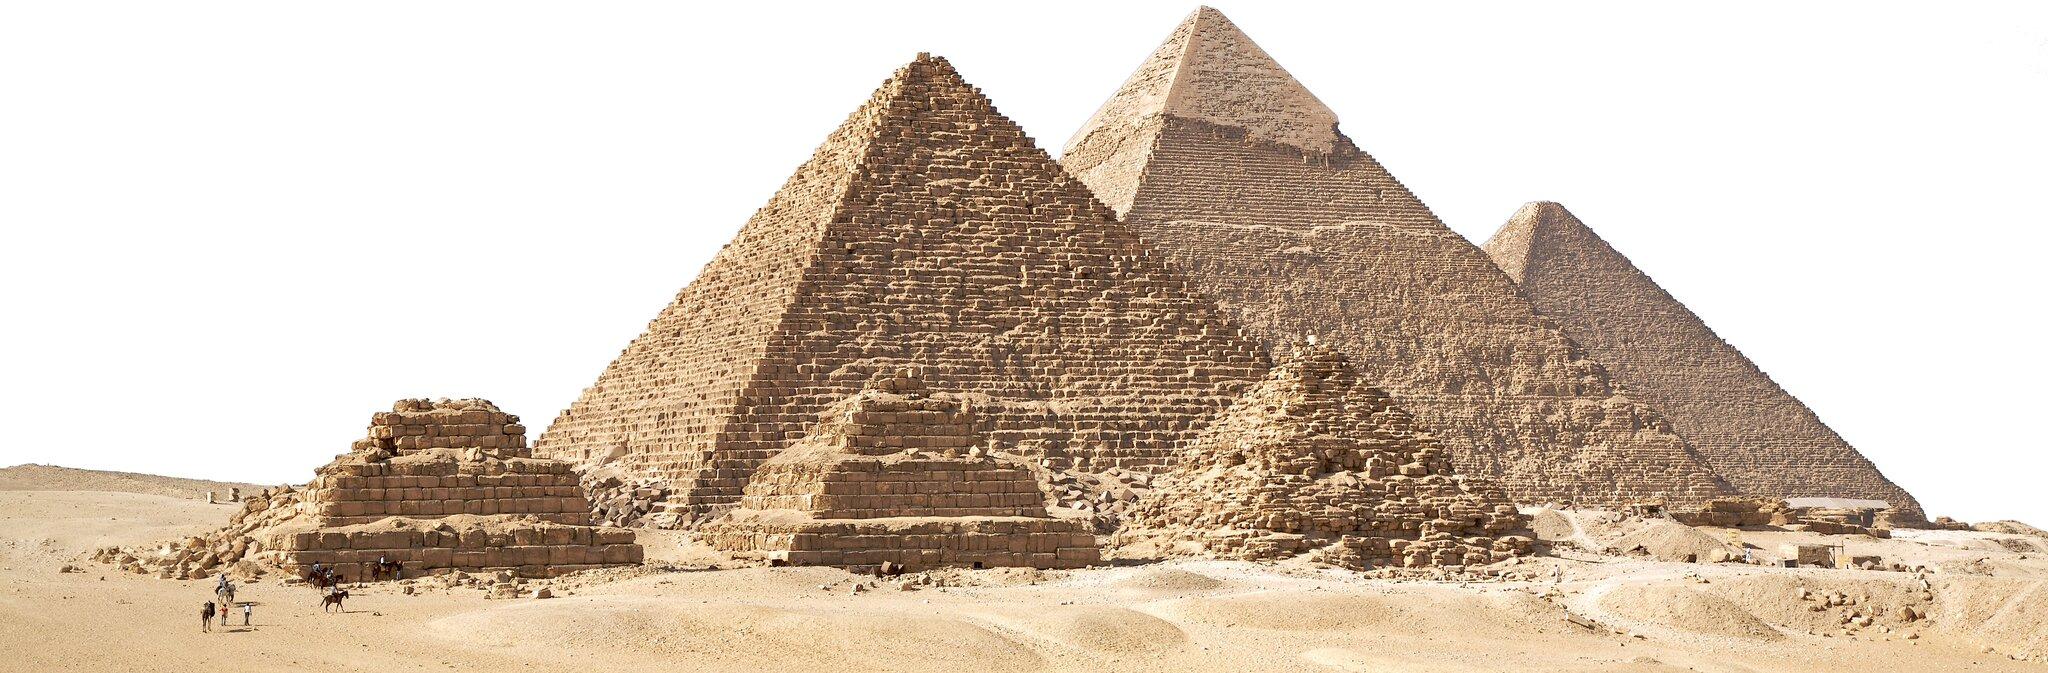 Sześć piramid stojących na pustyni - trzy mniejsze, aza nimi trzy większe. Zbudowane zżółto-brązowego kamienia. na piramidach widać ślady działania czasu, na mniejszych część kamieni się rozsypała.